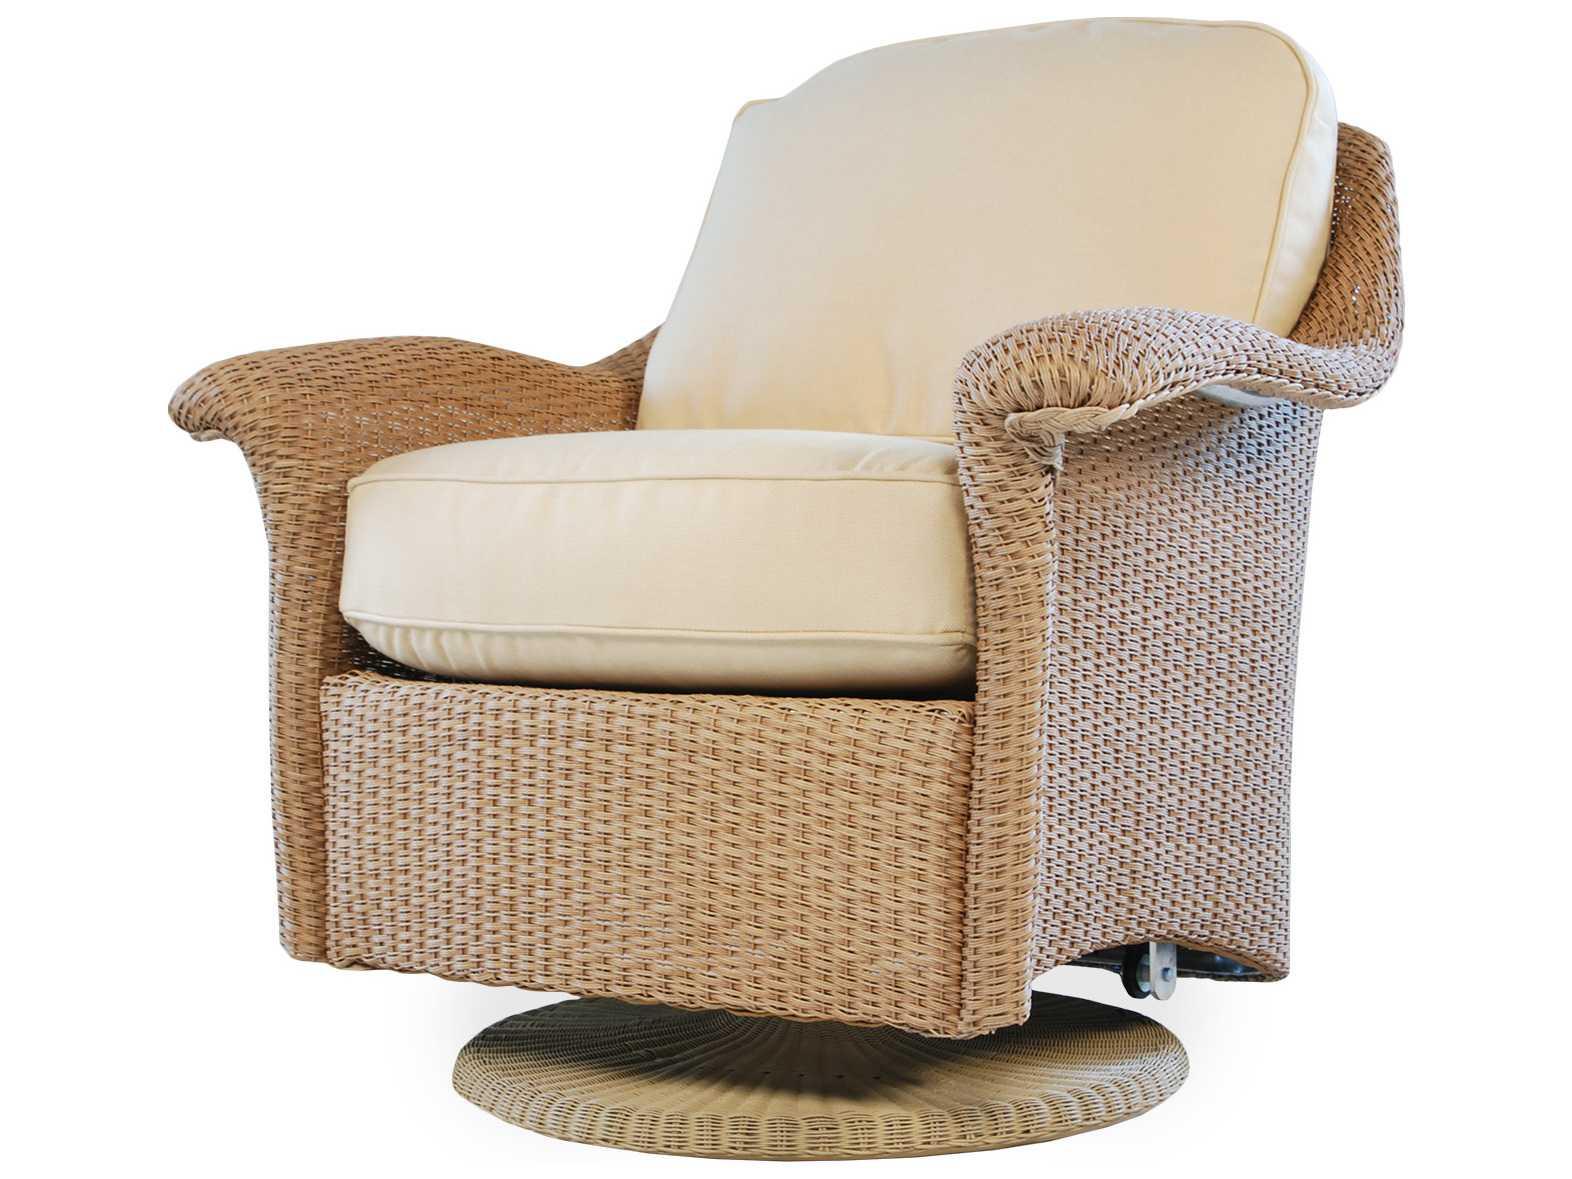 Lloyd Flanders Oxford Swivel Rocker Lounge Chair